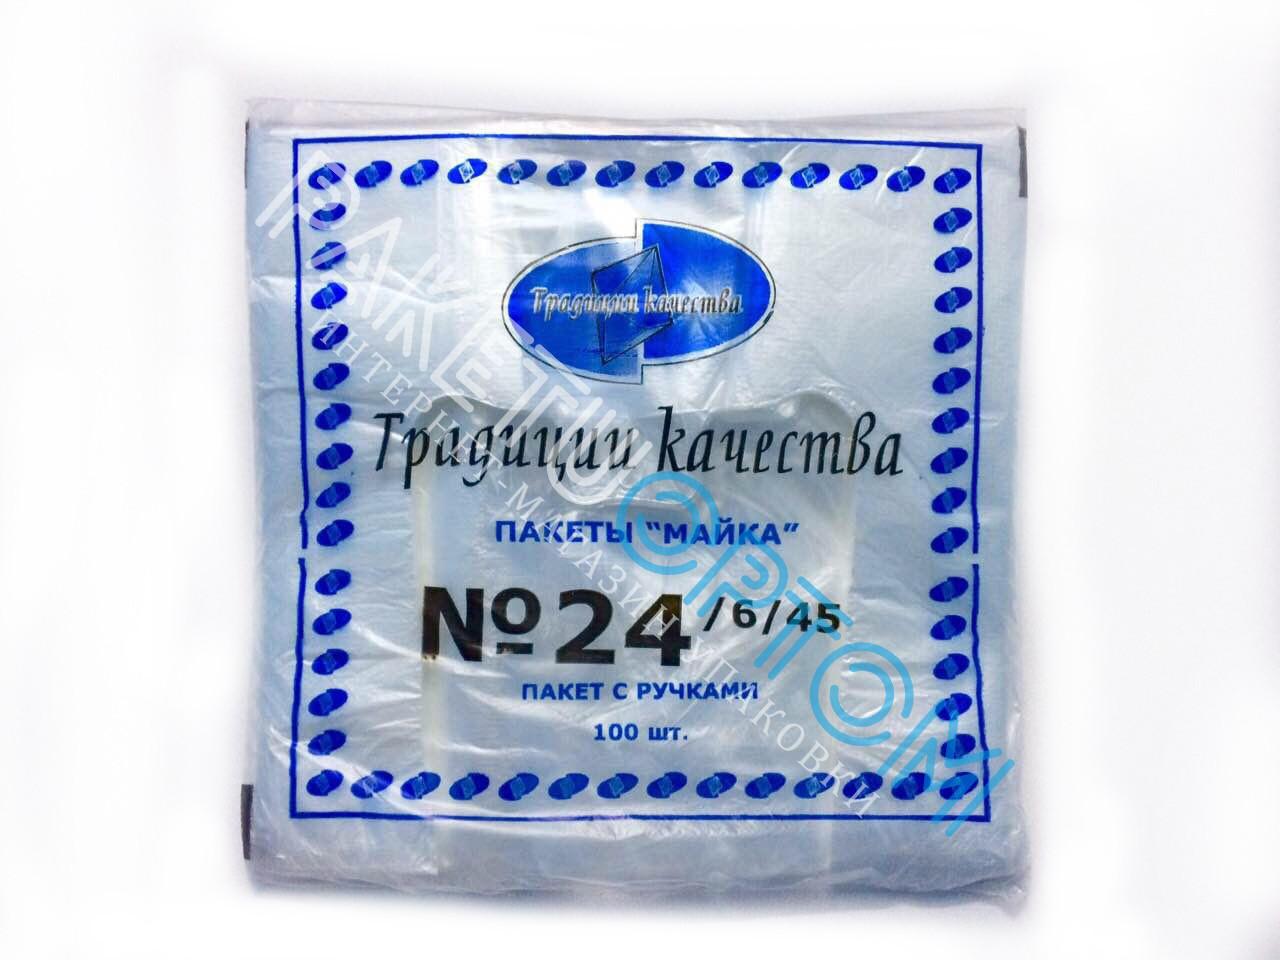 Пакет-майка без рисунка 24/45 для пищевых продуктов 100шт